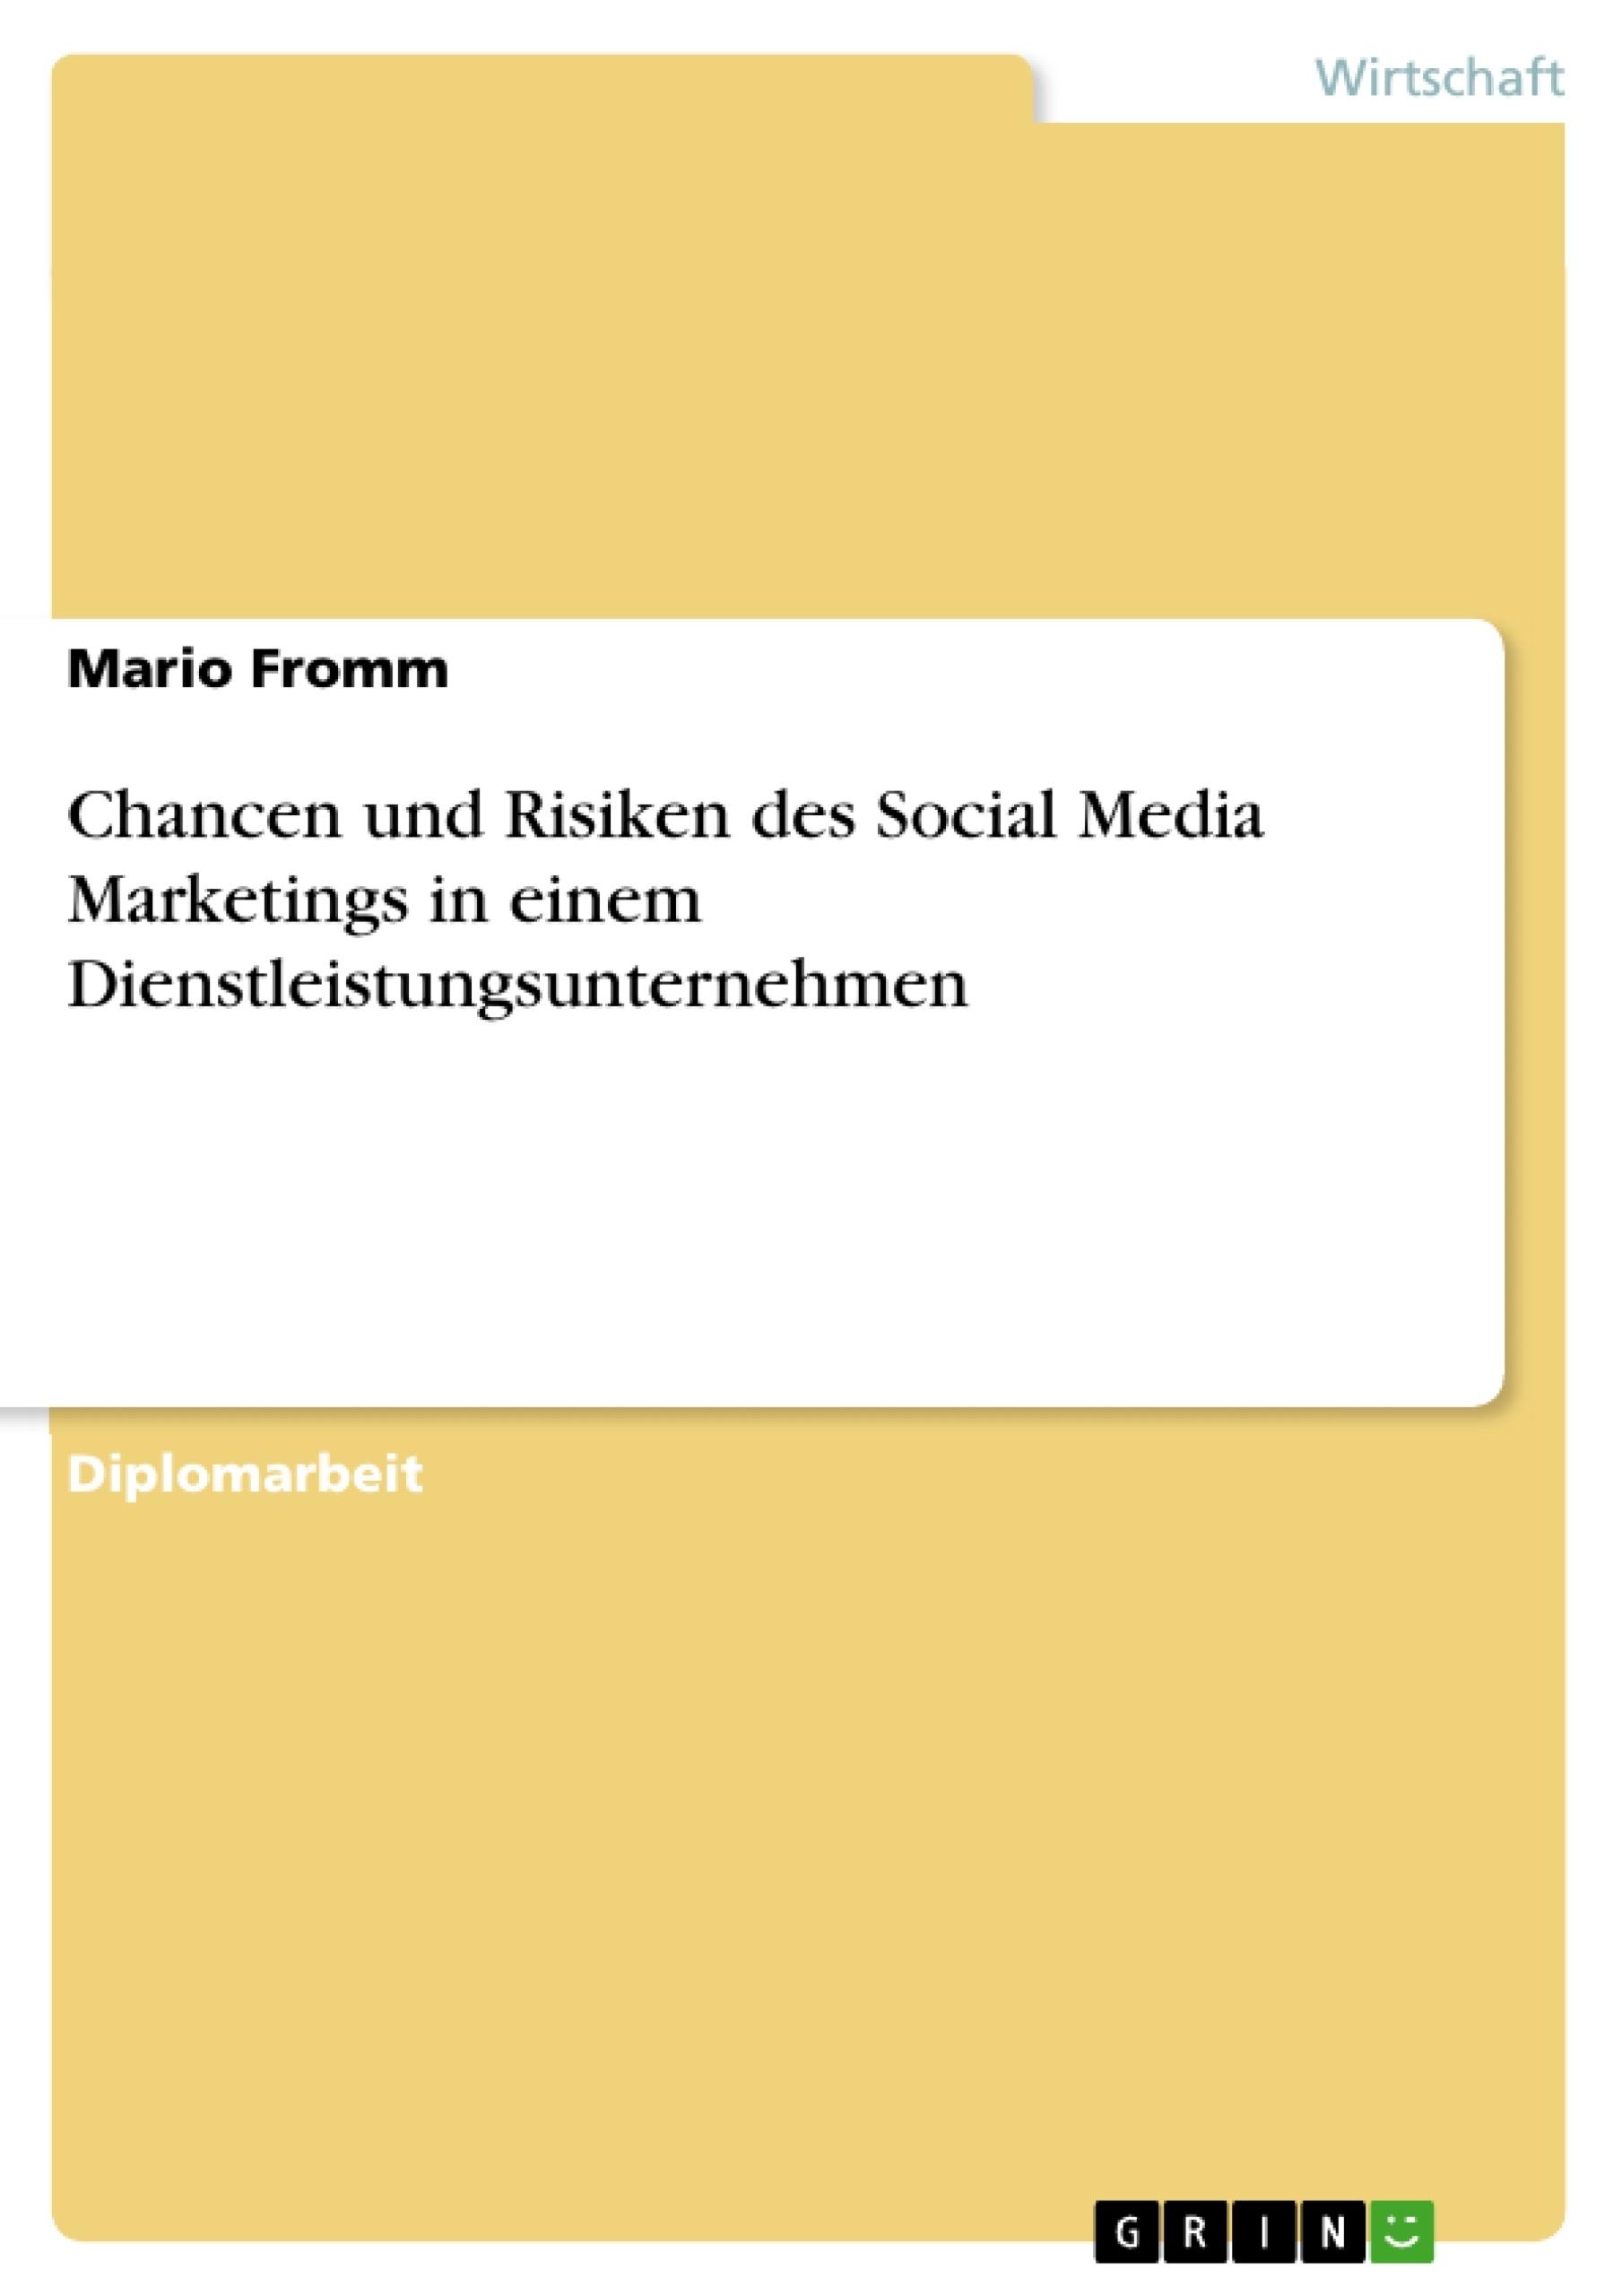 Titel: Chancen und Risiken des Social Media Marketings in einem Dienstleistungsunternehmen